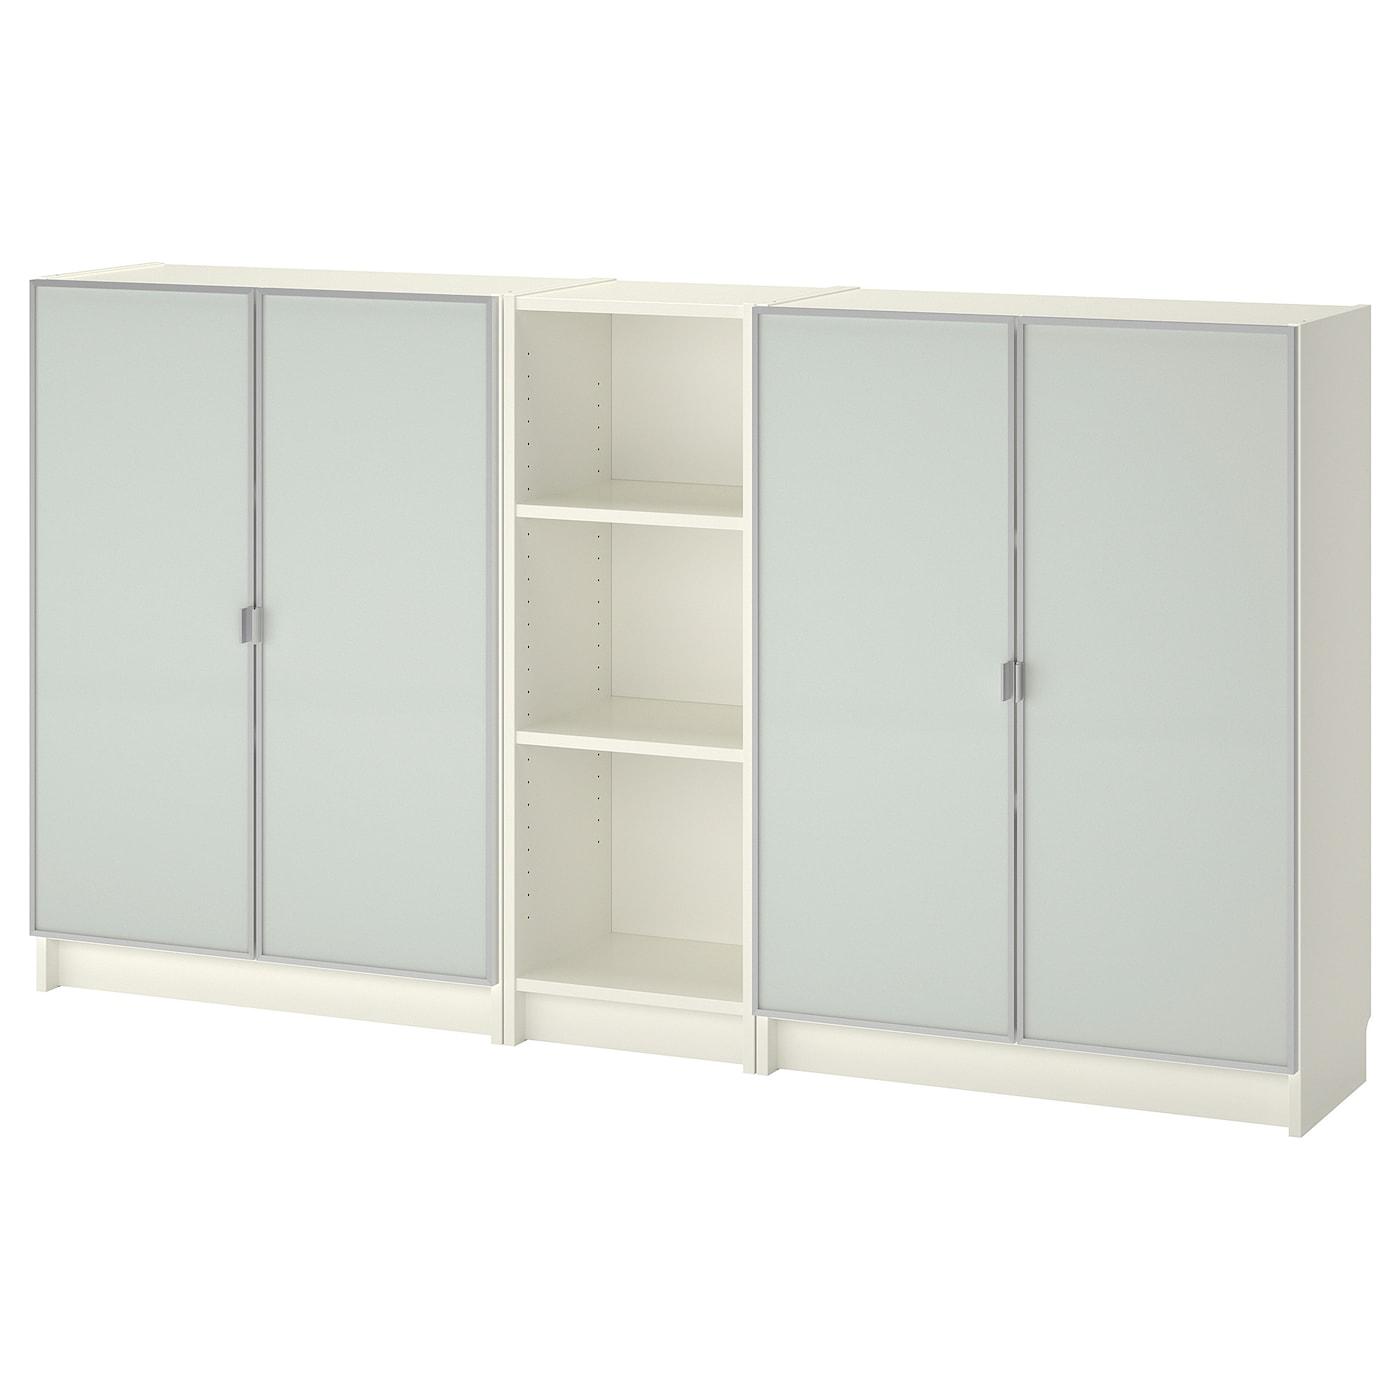 BILLY MORLIDEN Bücherregal weiß IKEA Österreich